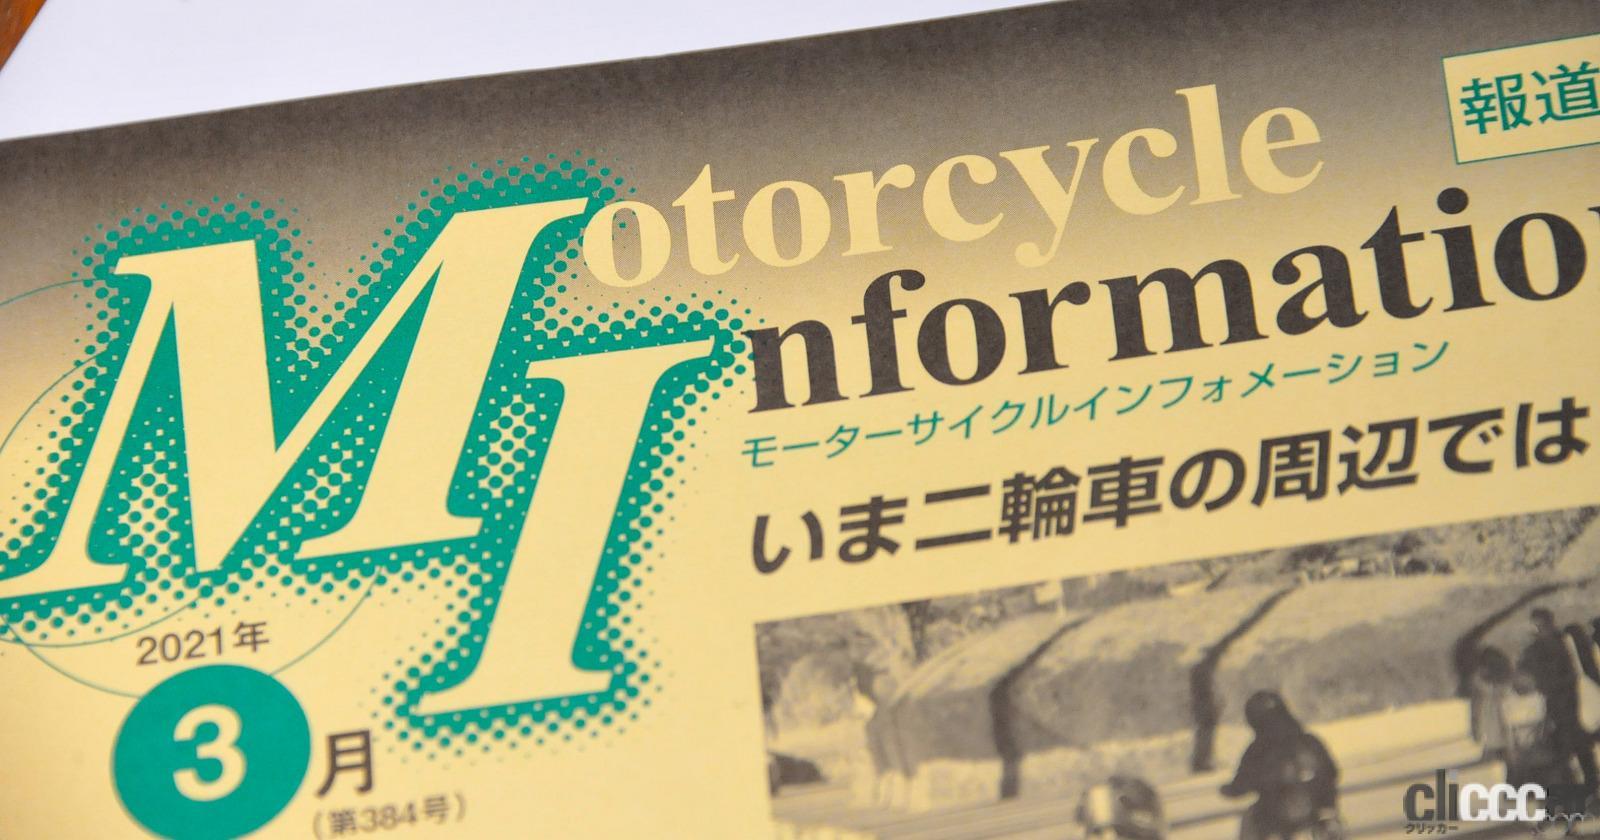 紙媒体からWebへ。自工会の情報誌「モーターサイクルインフォメーション」、32年の歴史に幕